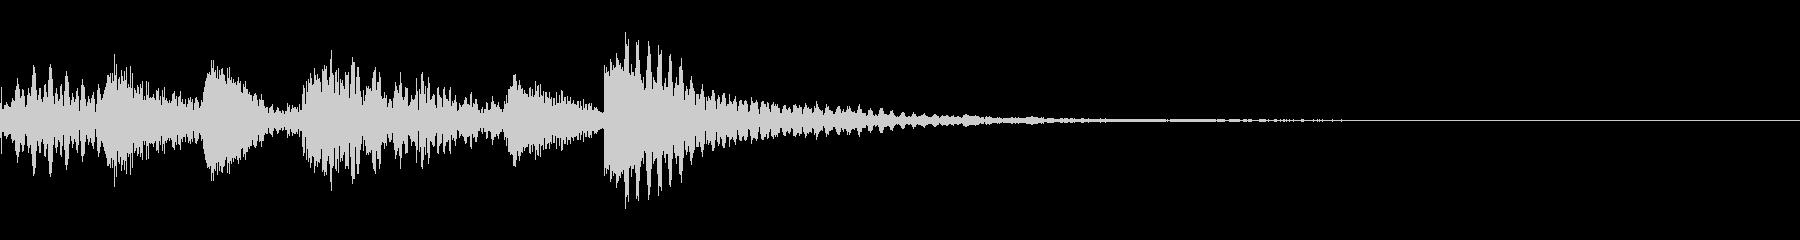 マリンバ 企業のサウンドロゴの未再生の波形